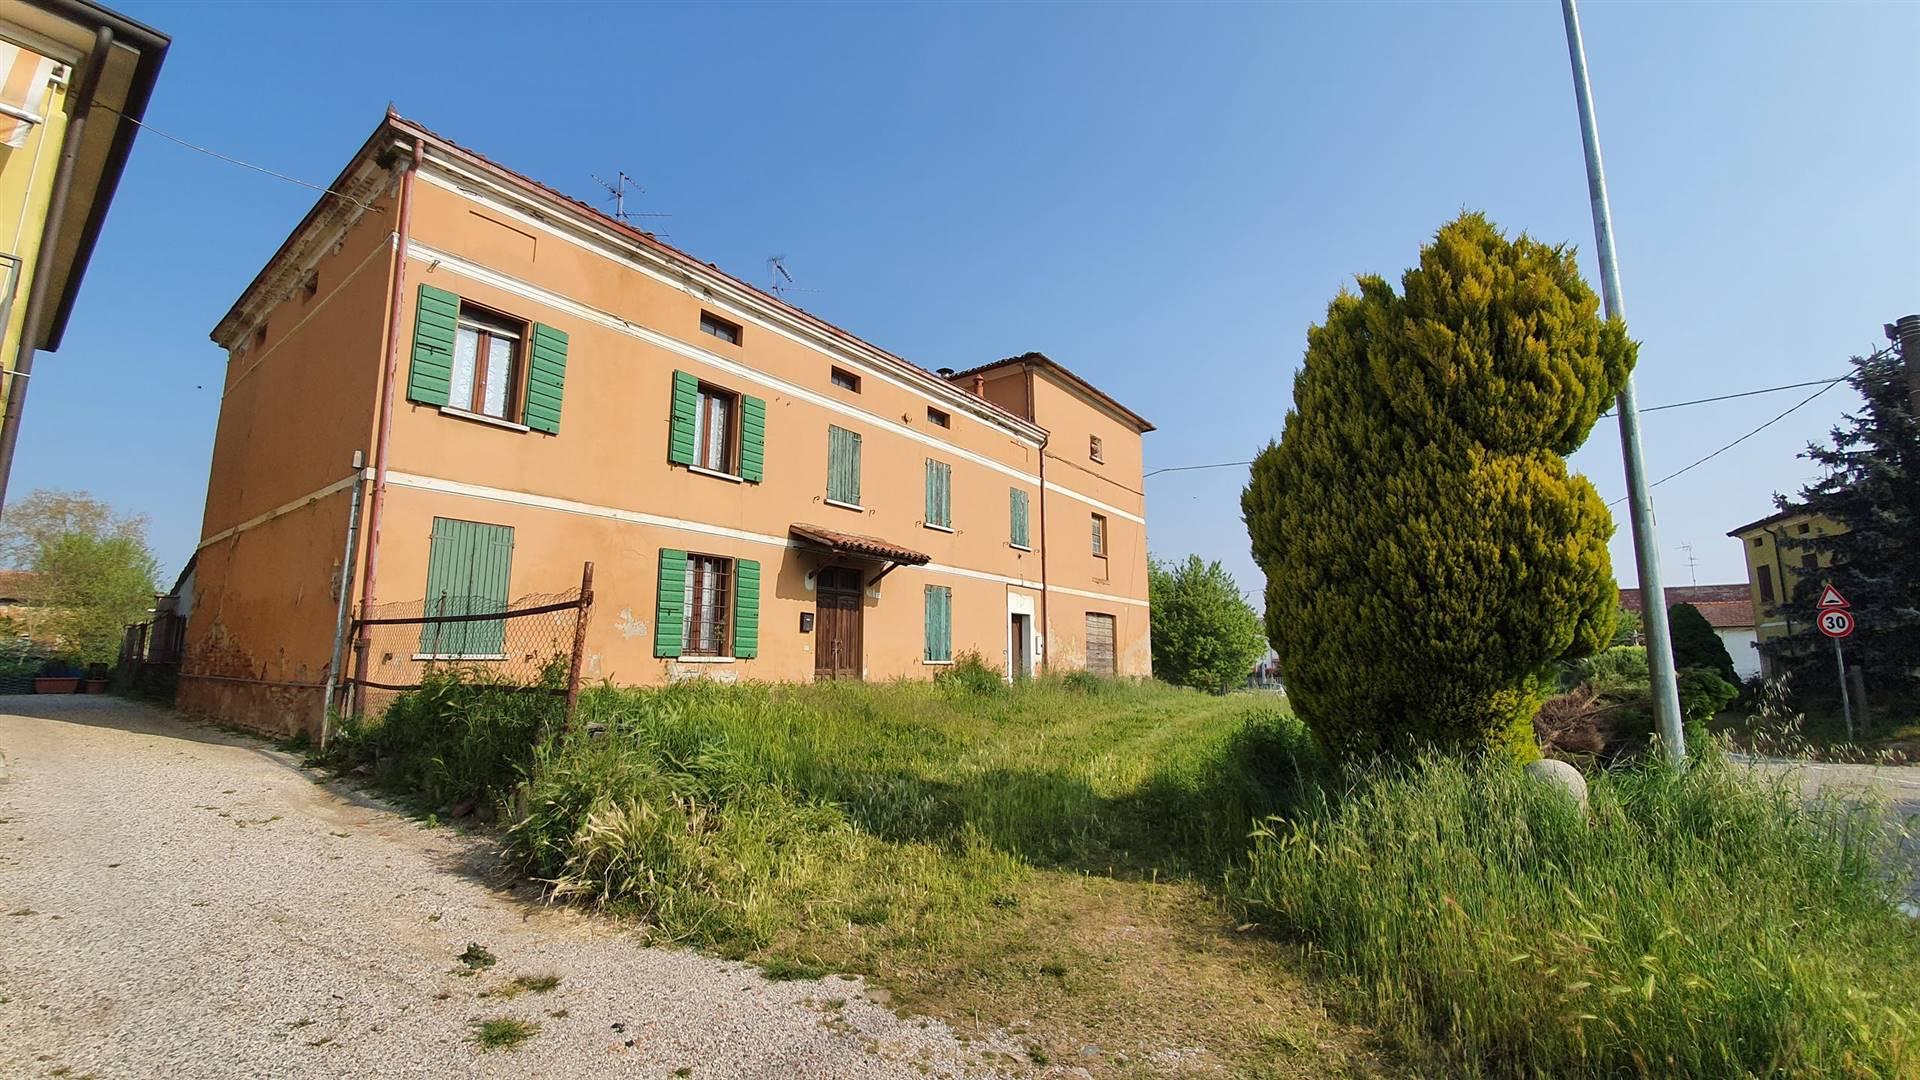 Soluzione Indipendente in vendita a Bagnolo San Vito, 18 locali, zona Zona: Correggio Micheli, prezzo € 120.000 | CambioCasa.it